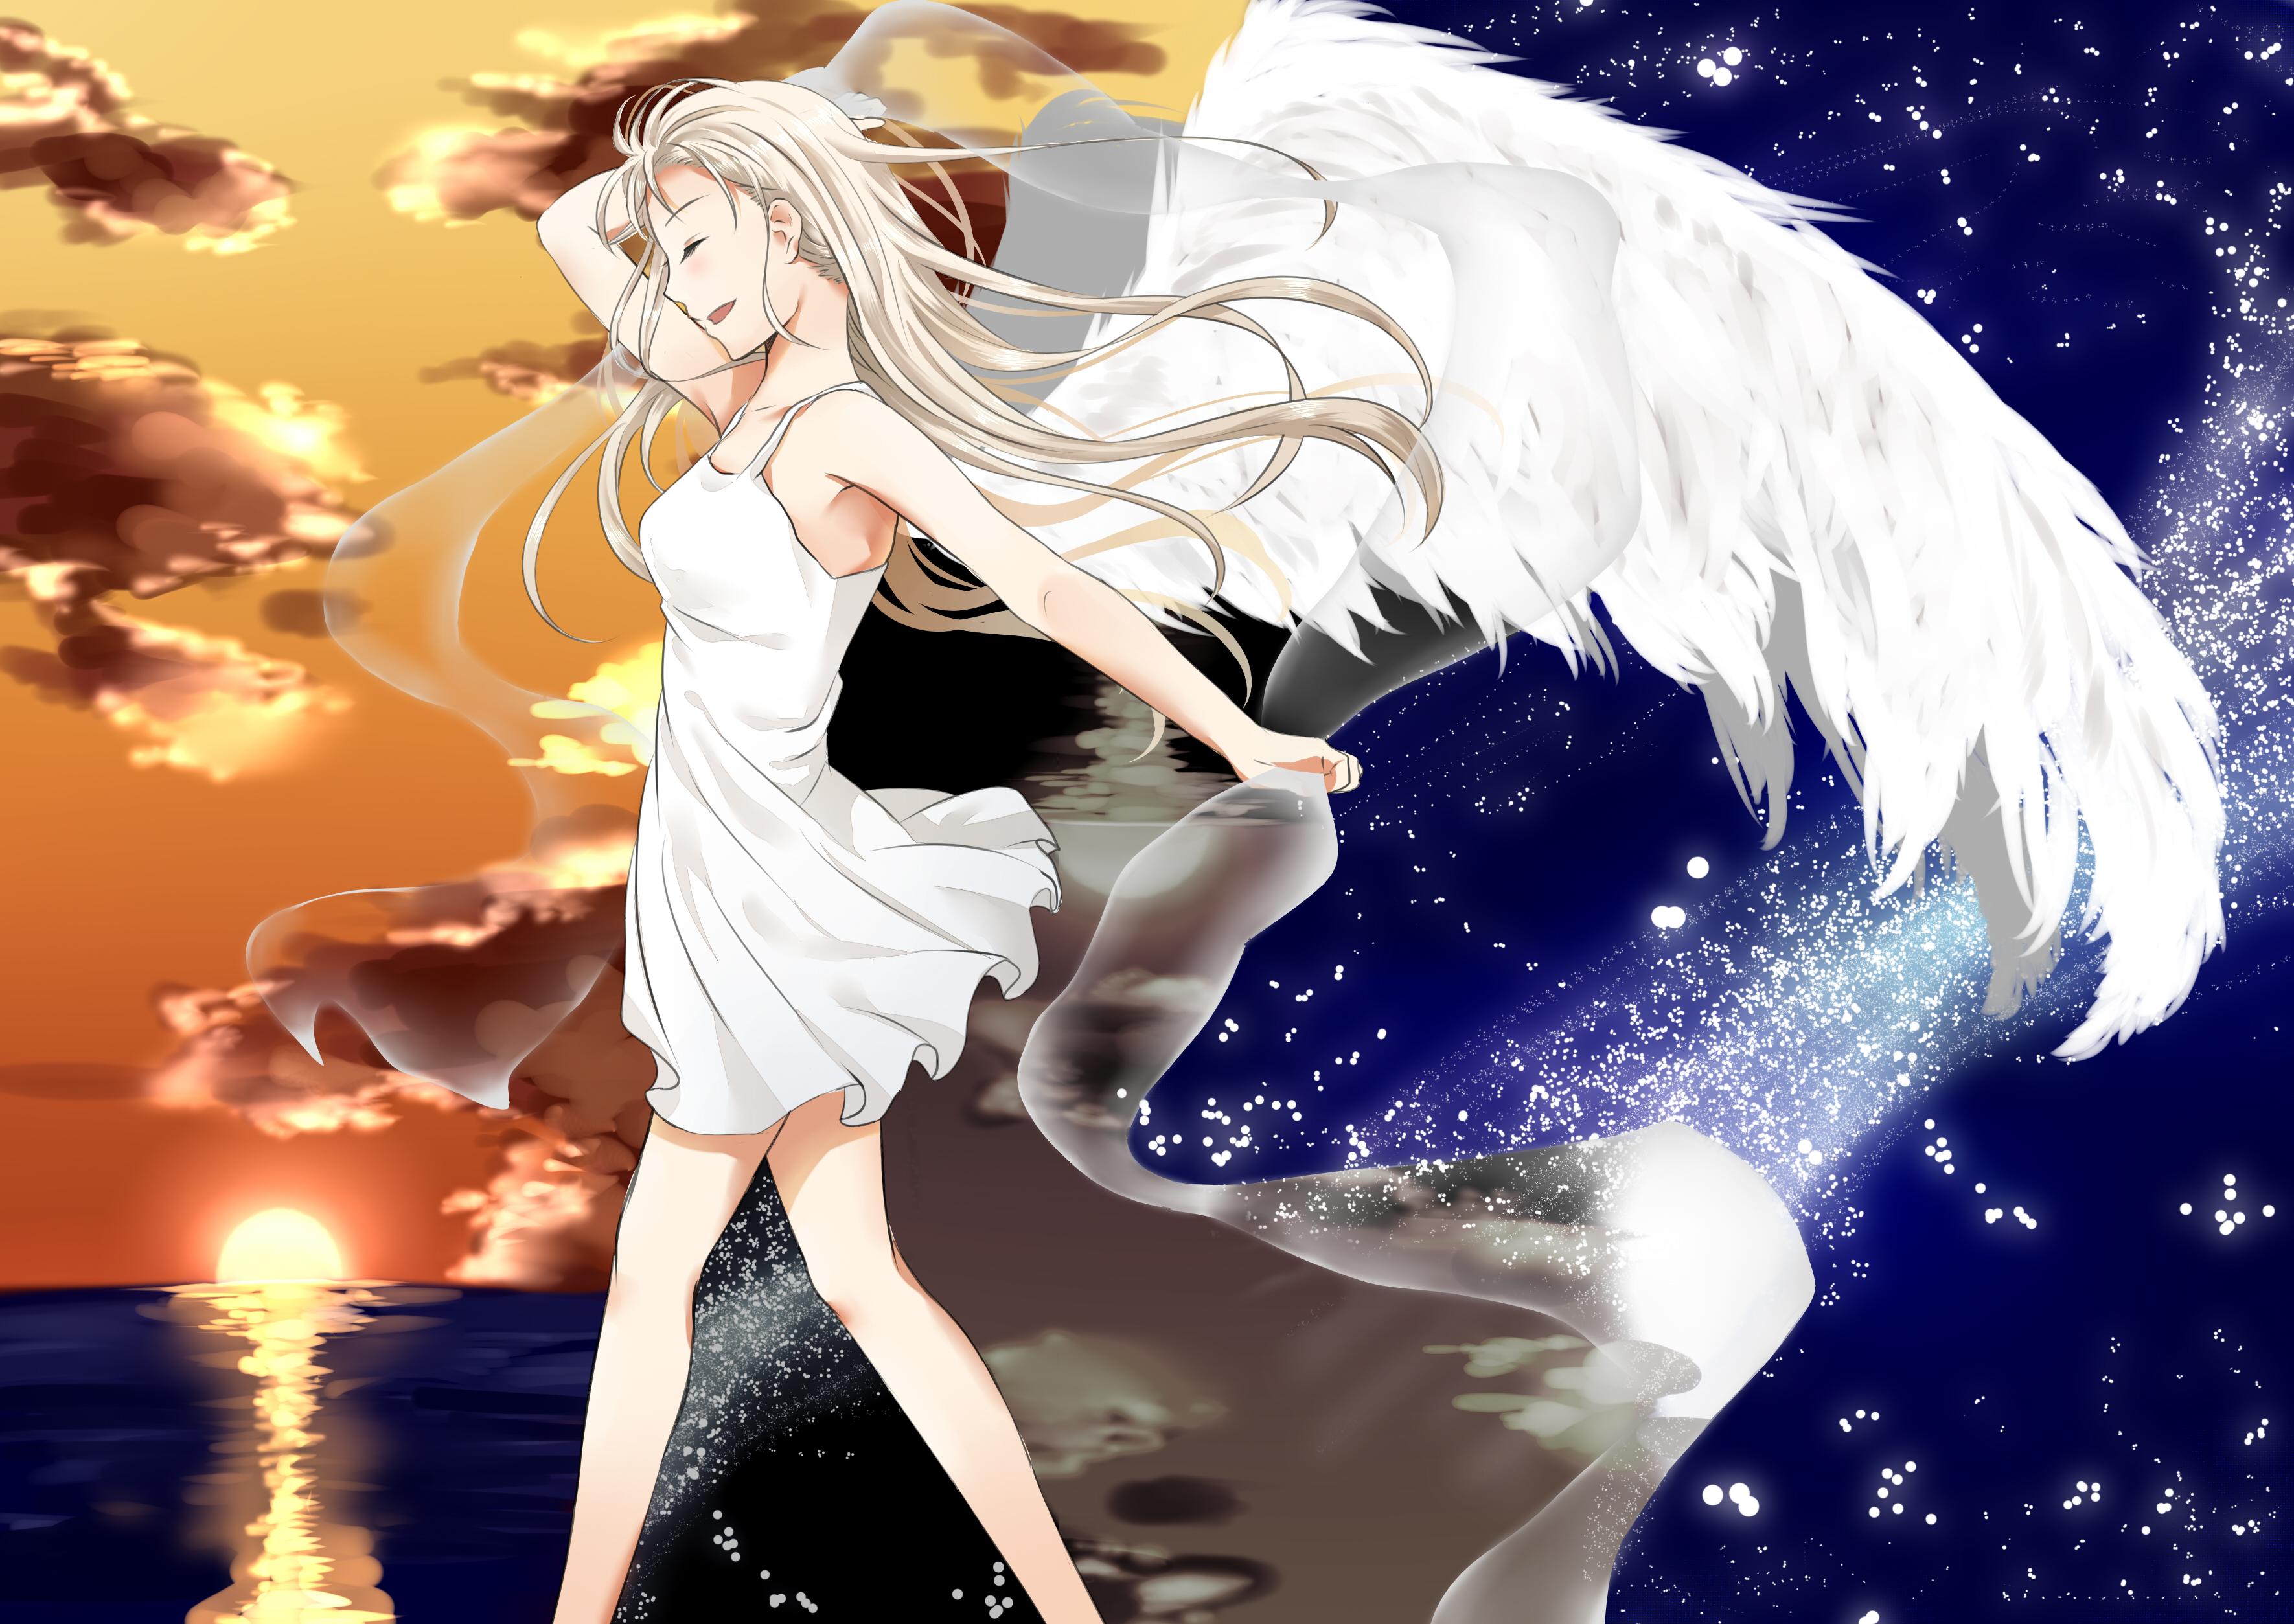 Картинки белых ангелов девочек